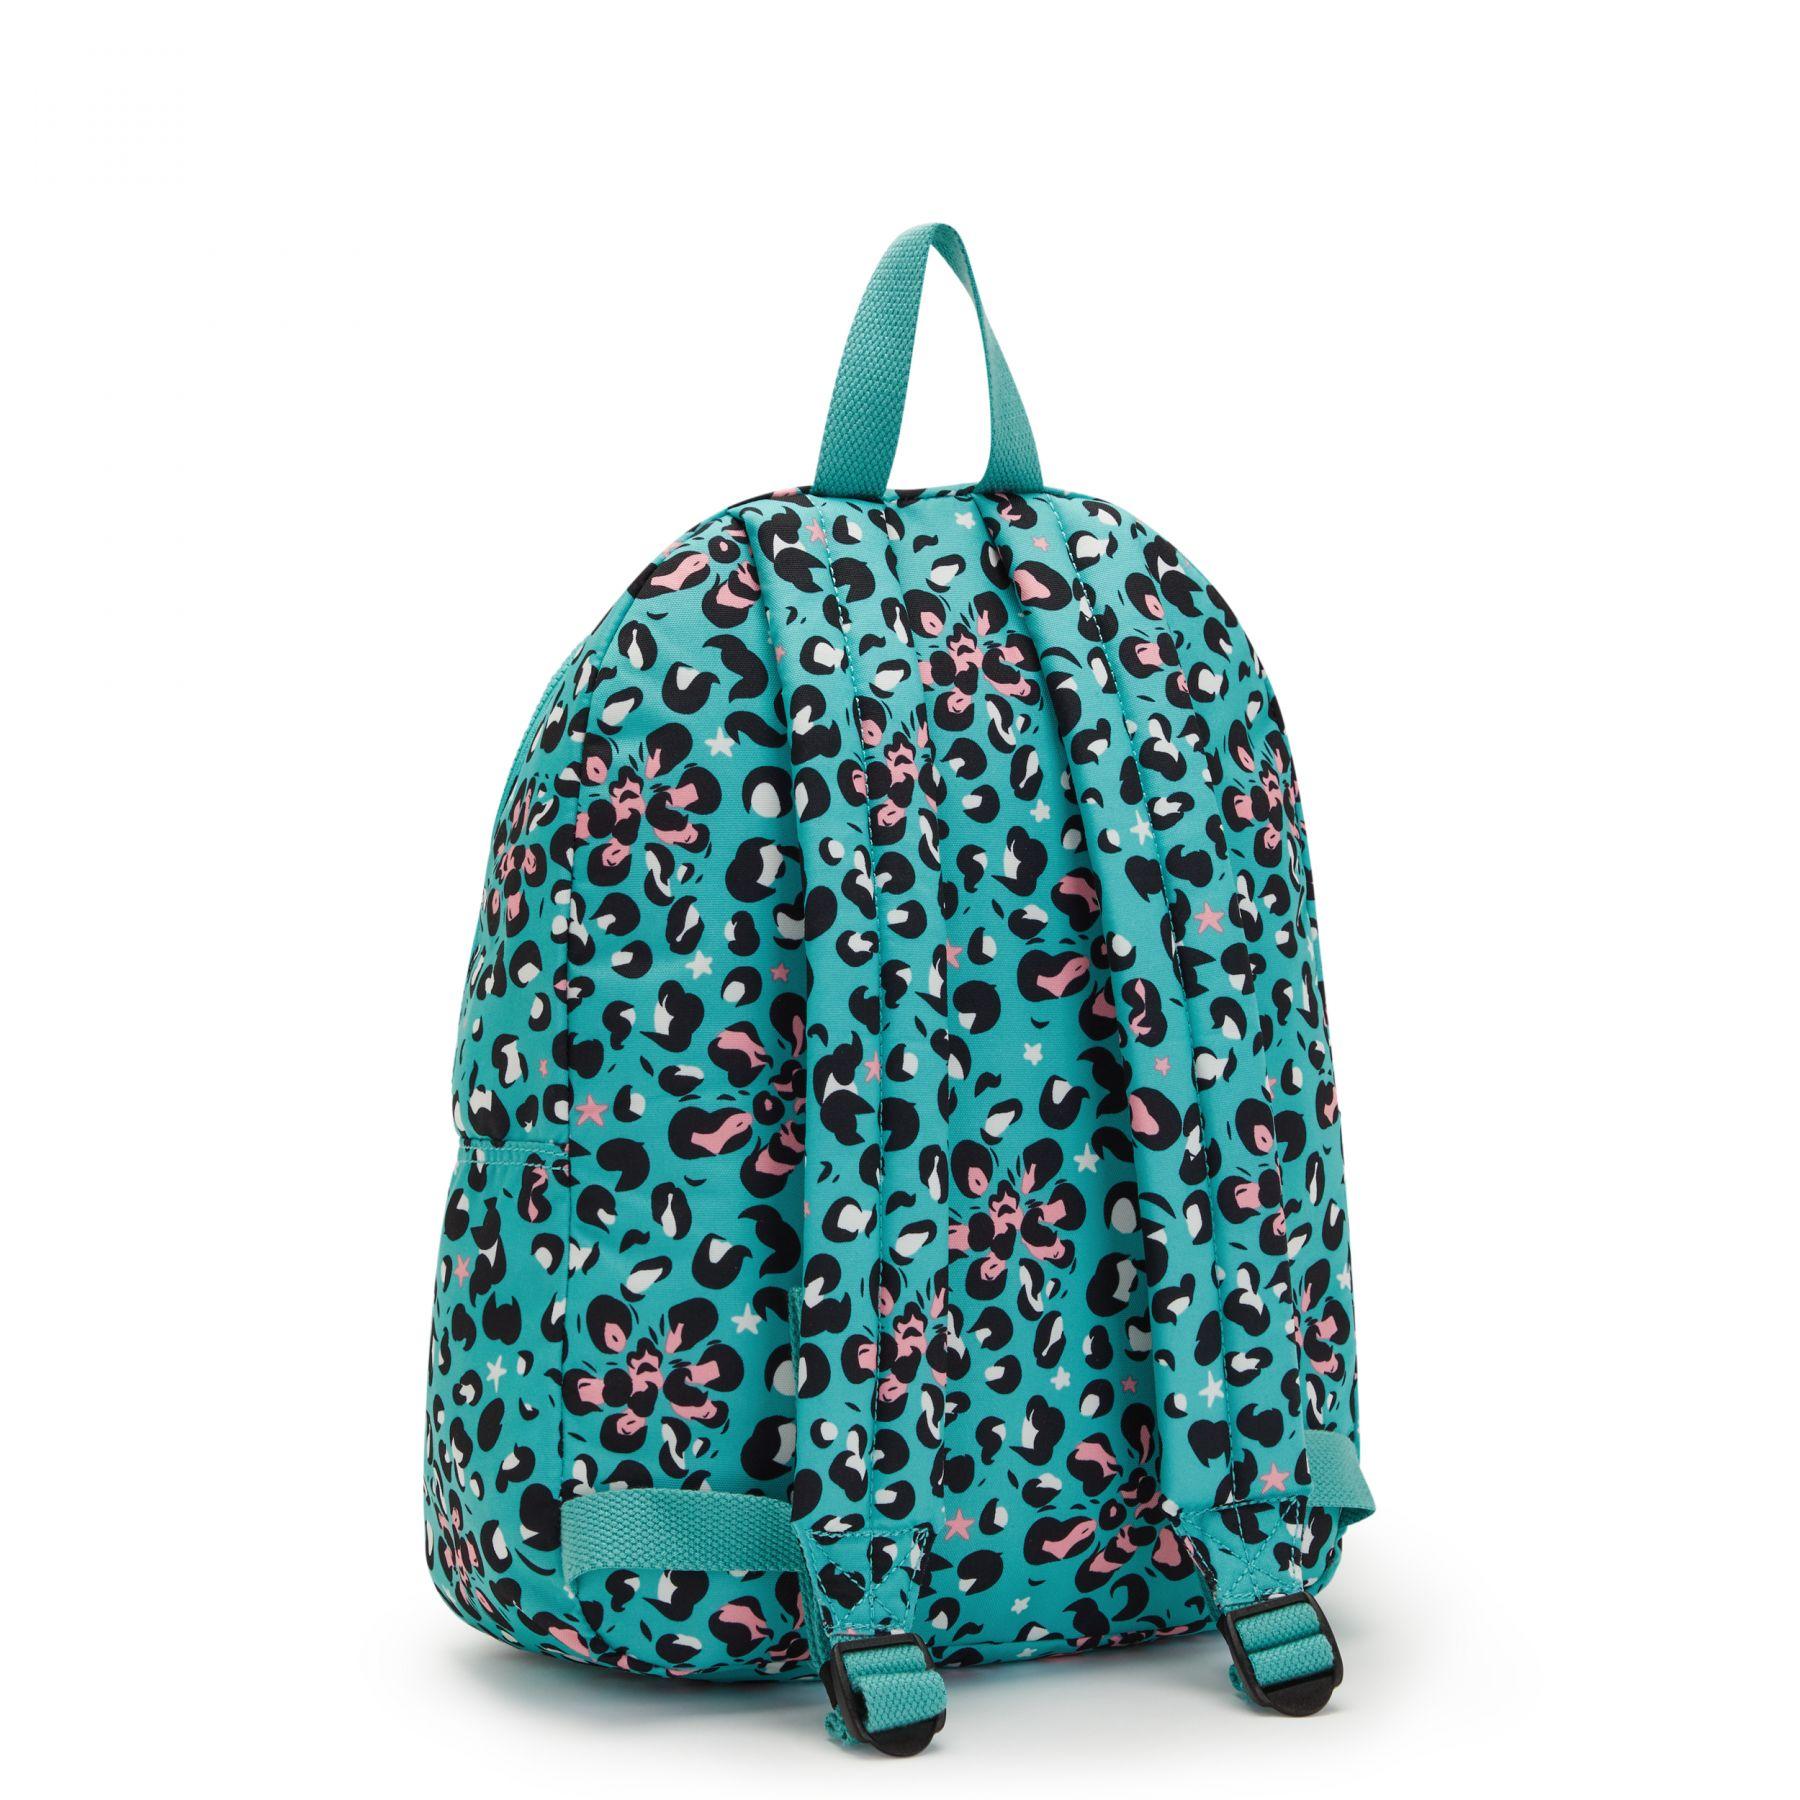 CURTIS M SCHOOL BAGS by Kipling - Back view